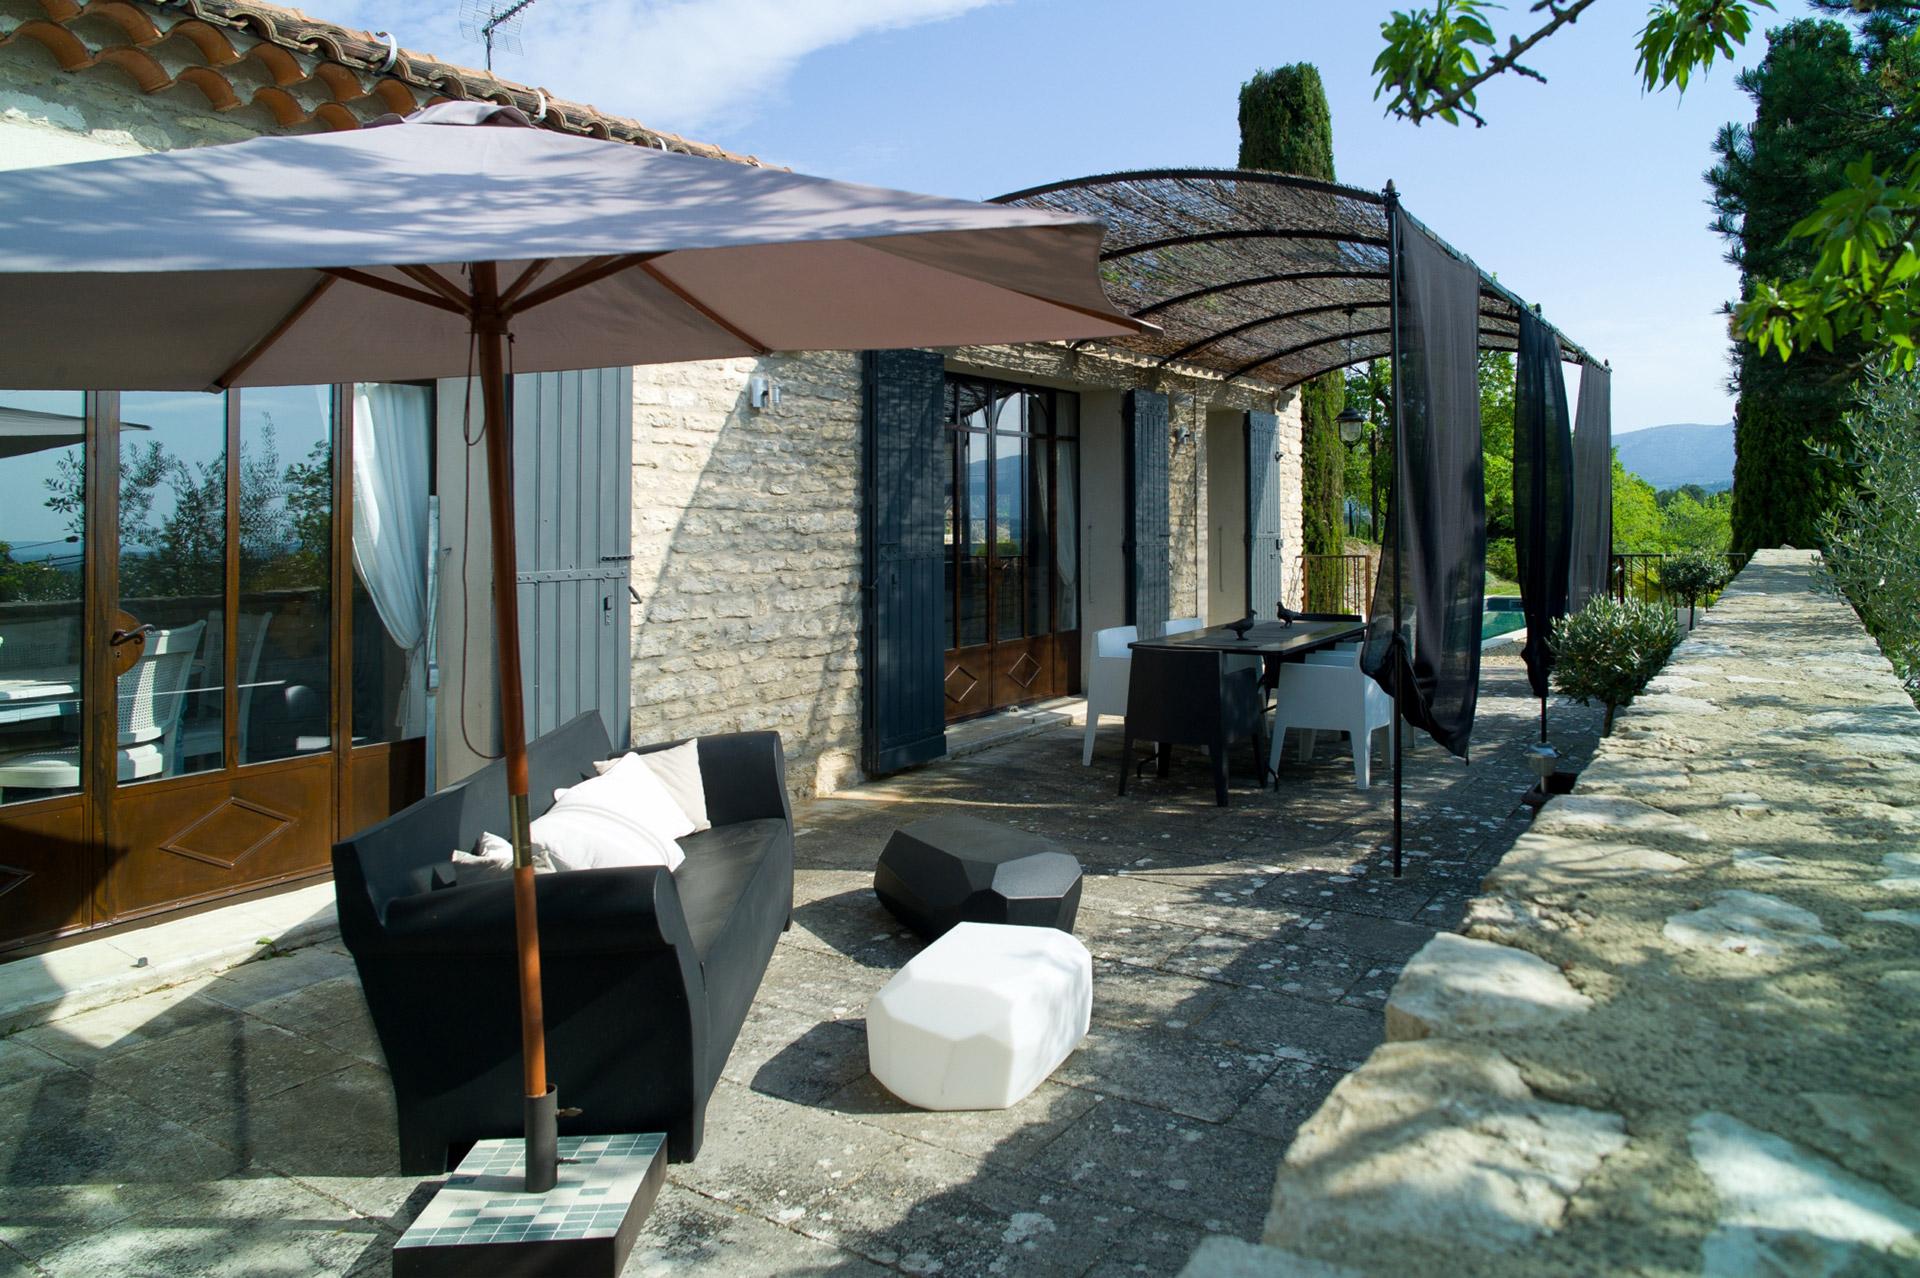 A Gordes, en vente,  maison en pierre, rénovée avec goût,  avec jardin et piscine